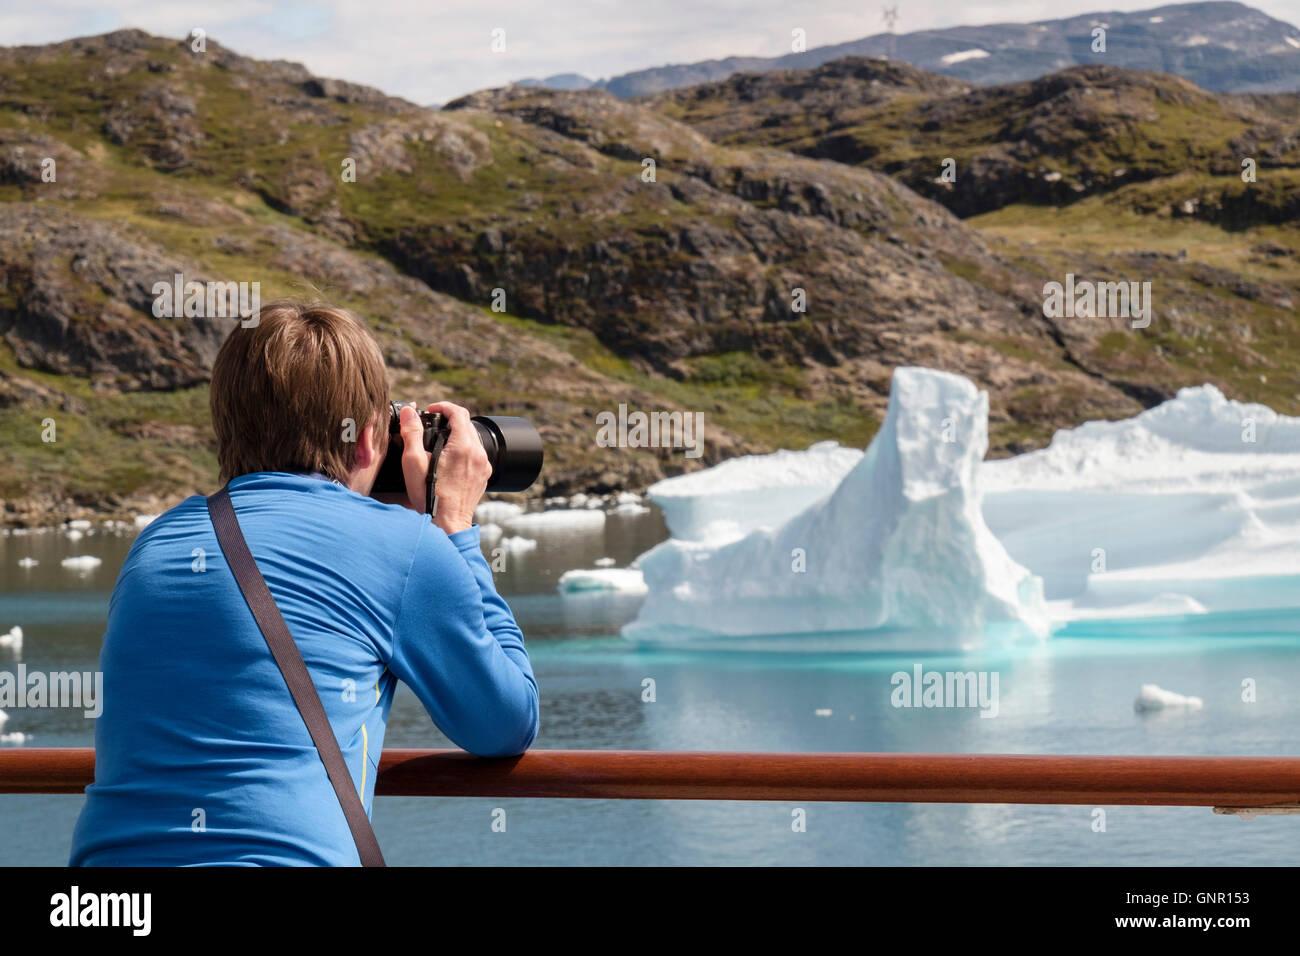 Alamy photographe photographie de passagers de croisière des icebergs dans le fjord Tunulliarfik pont de bateau Photo Stock